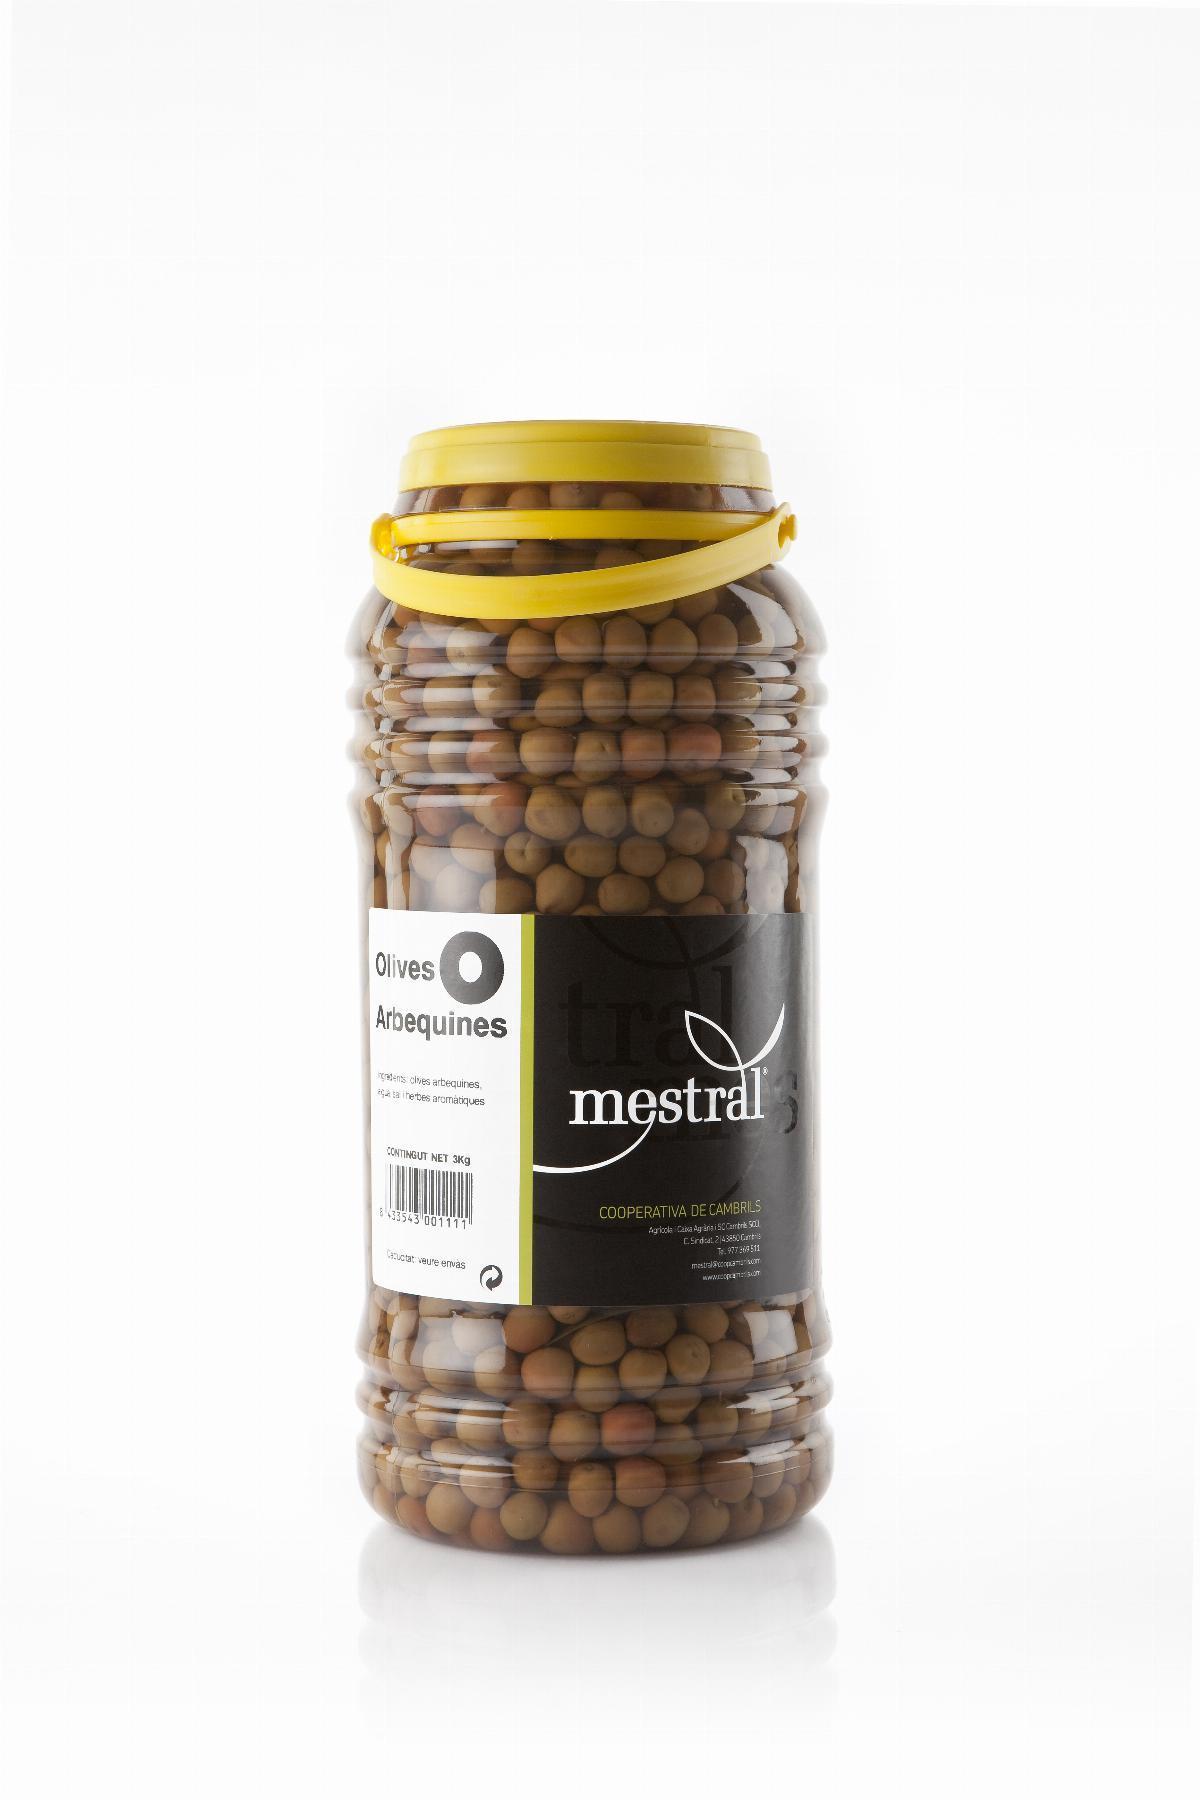 Olives - Olives Arbequina Mestral PET 3Kg - Mestral Cambrils